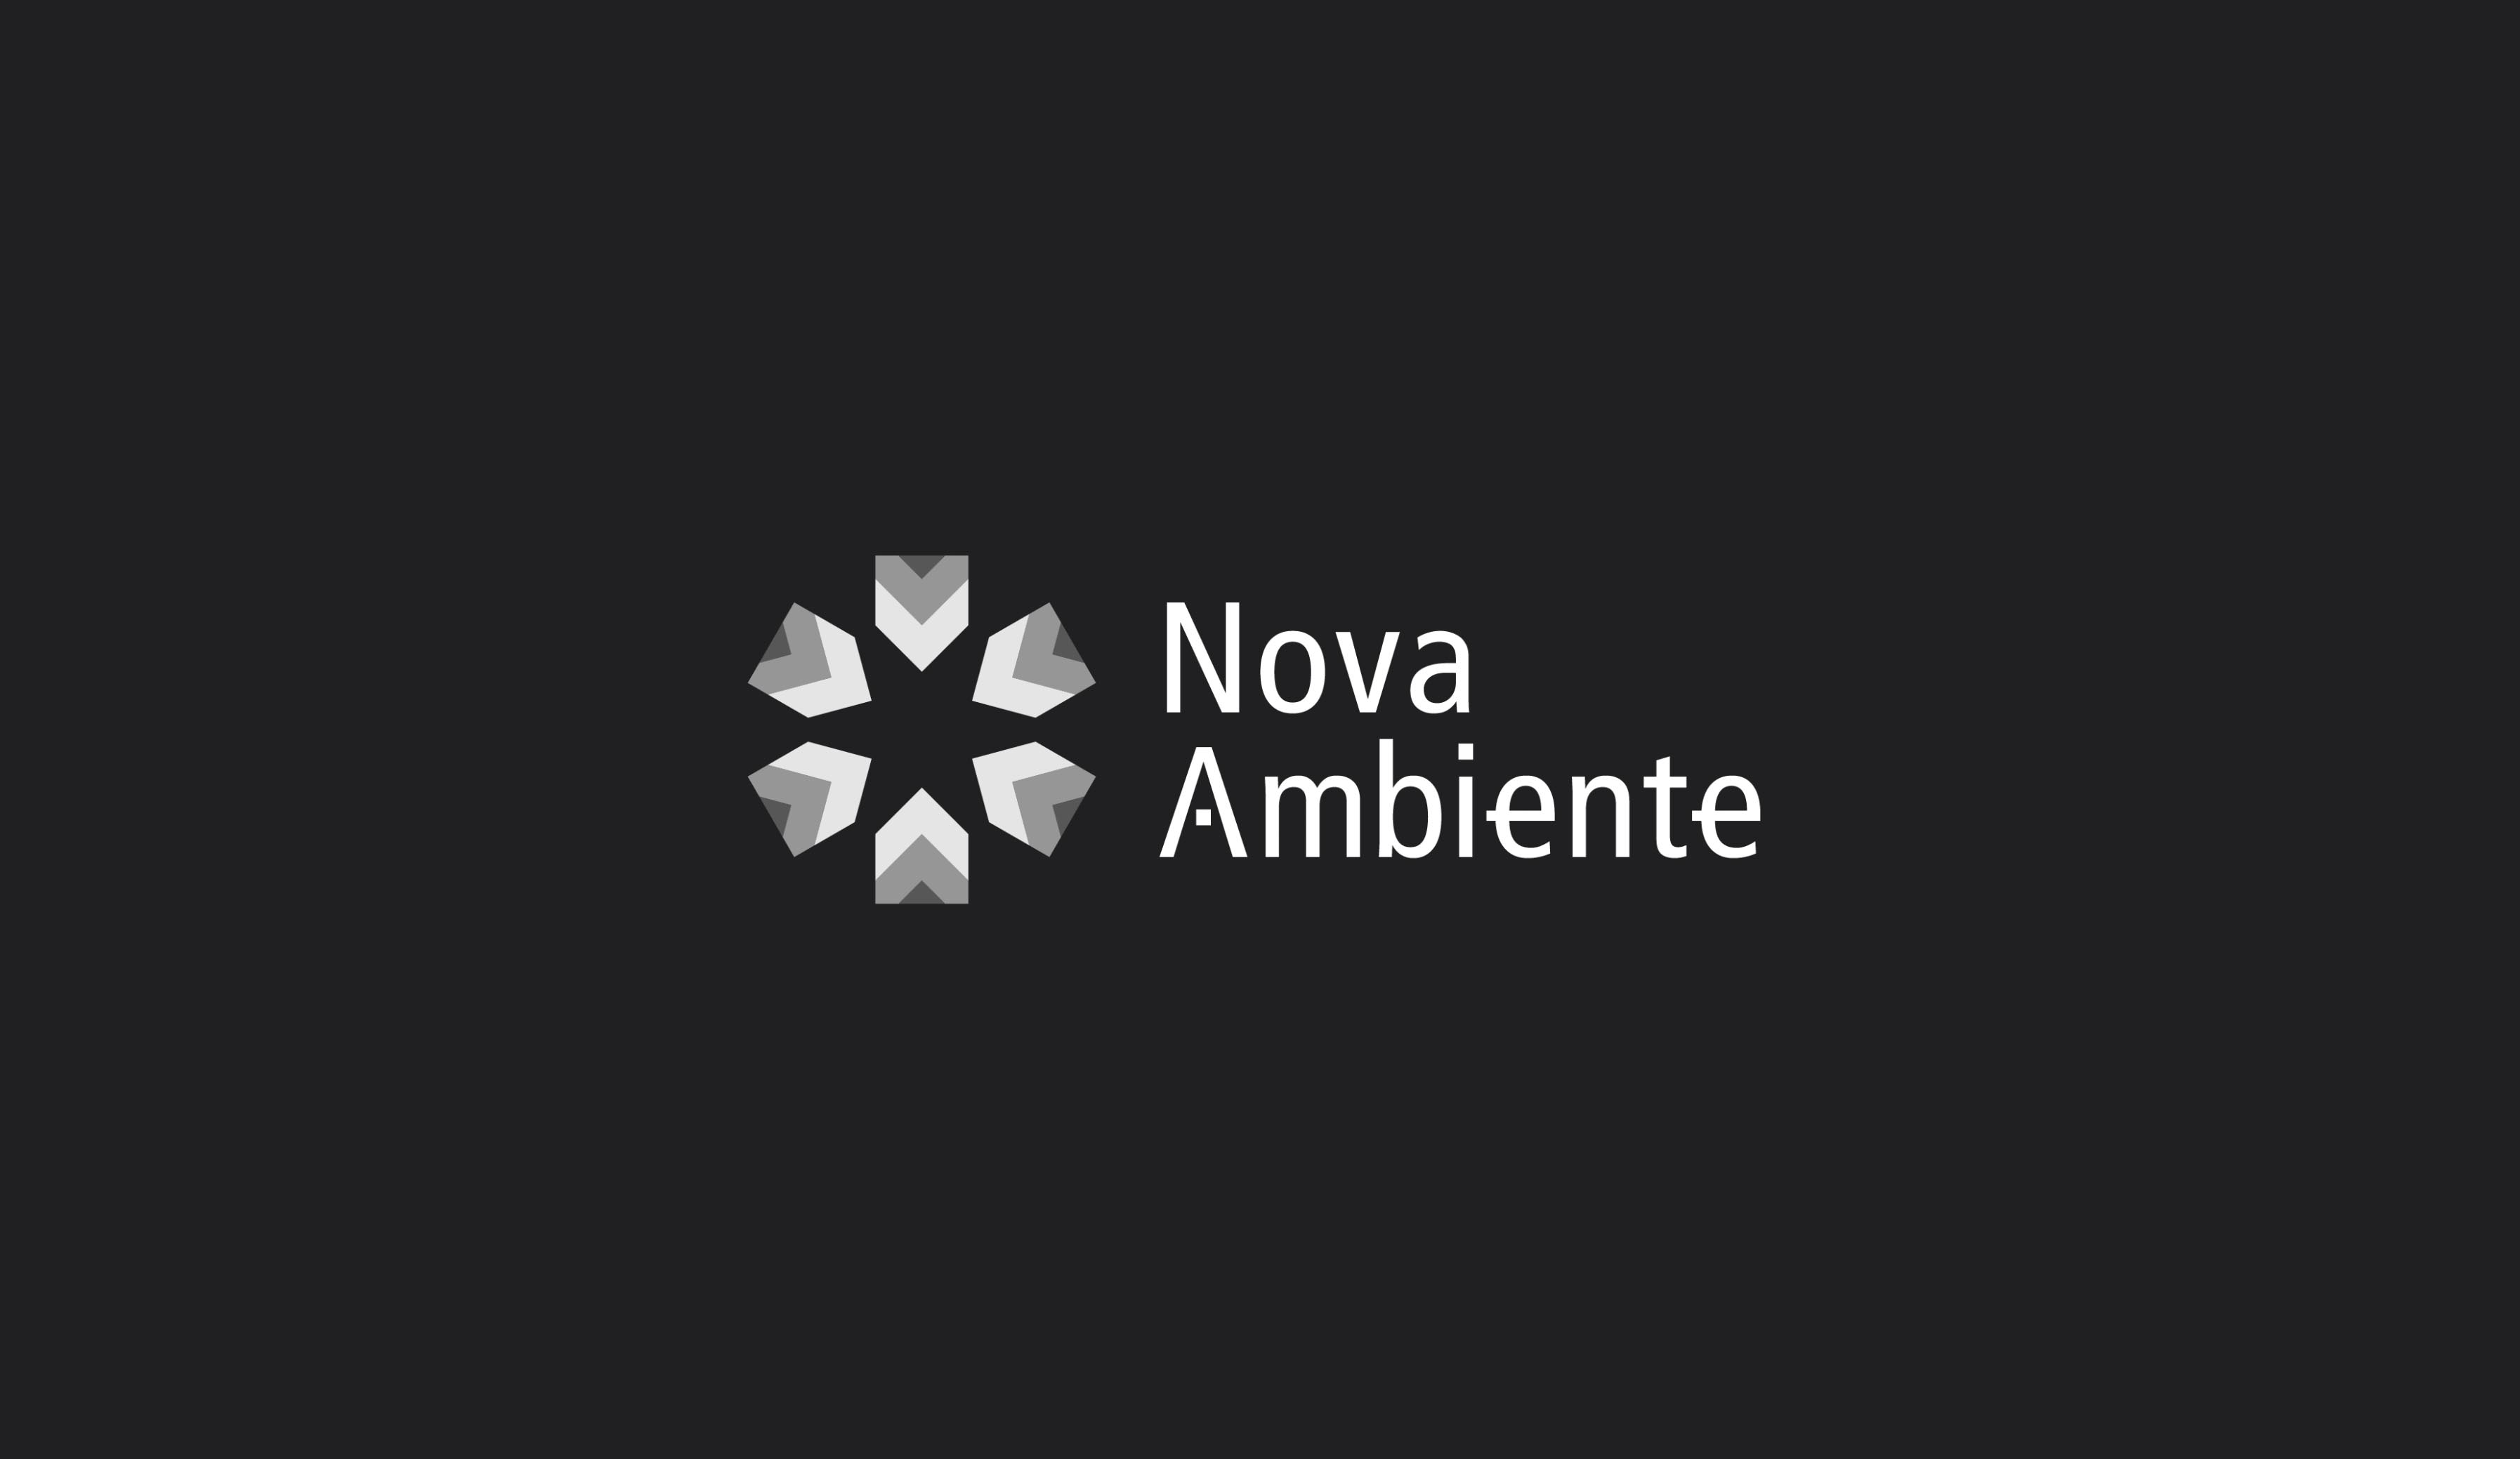 Nova-Ambiente logo design